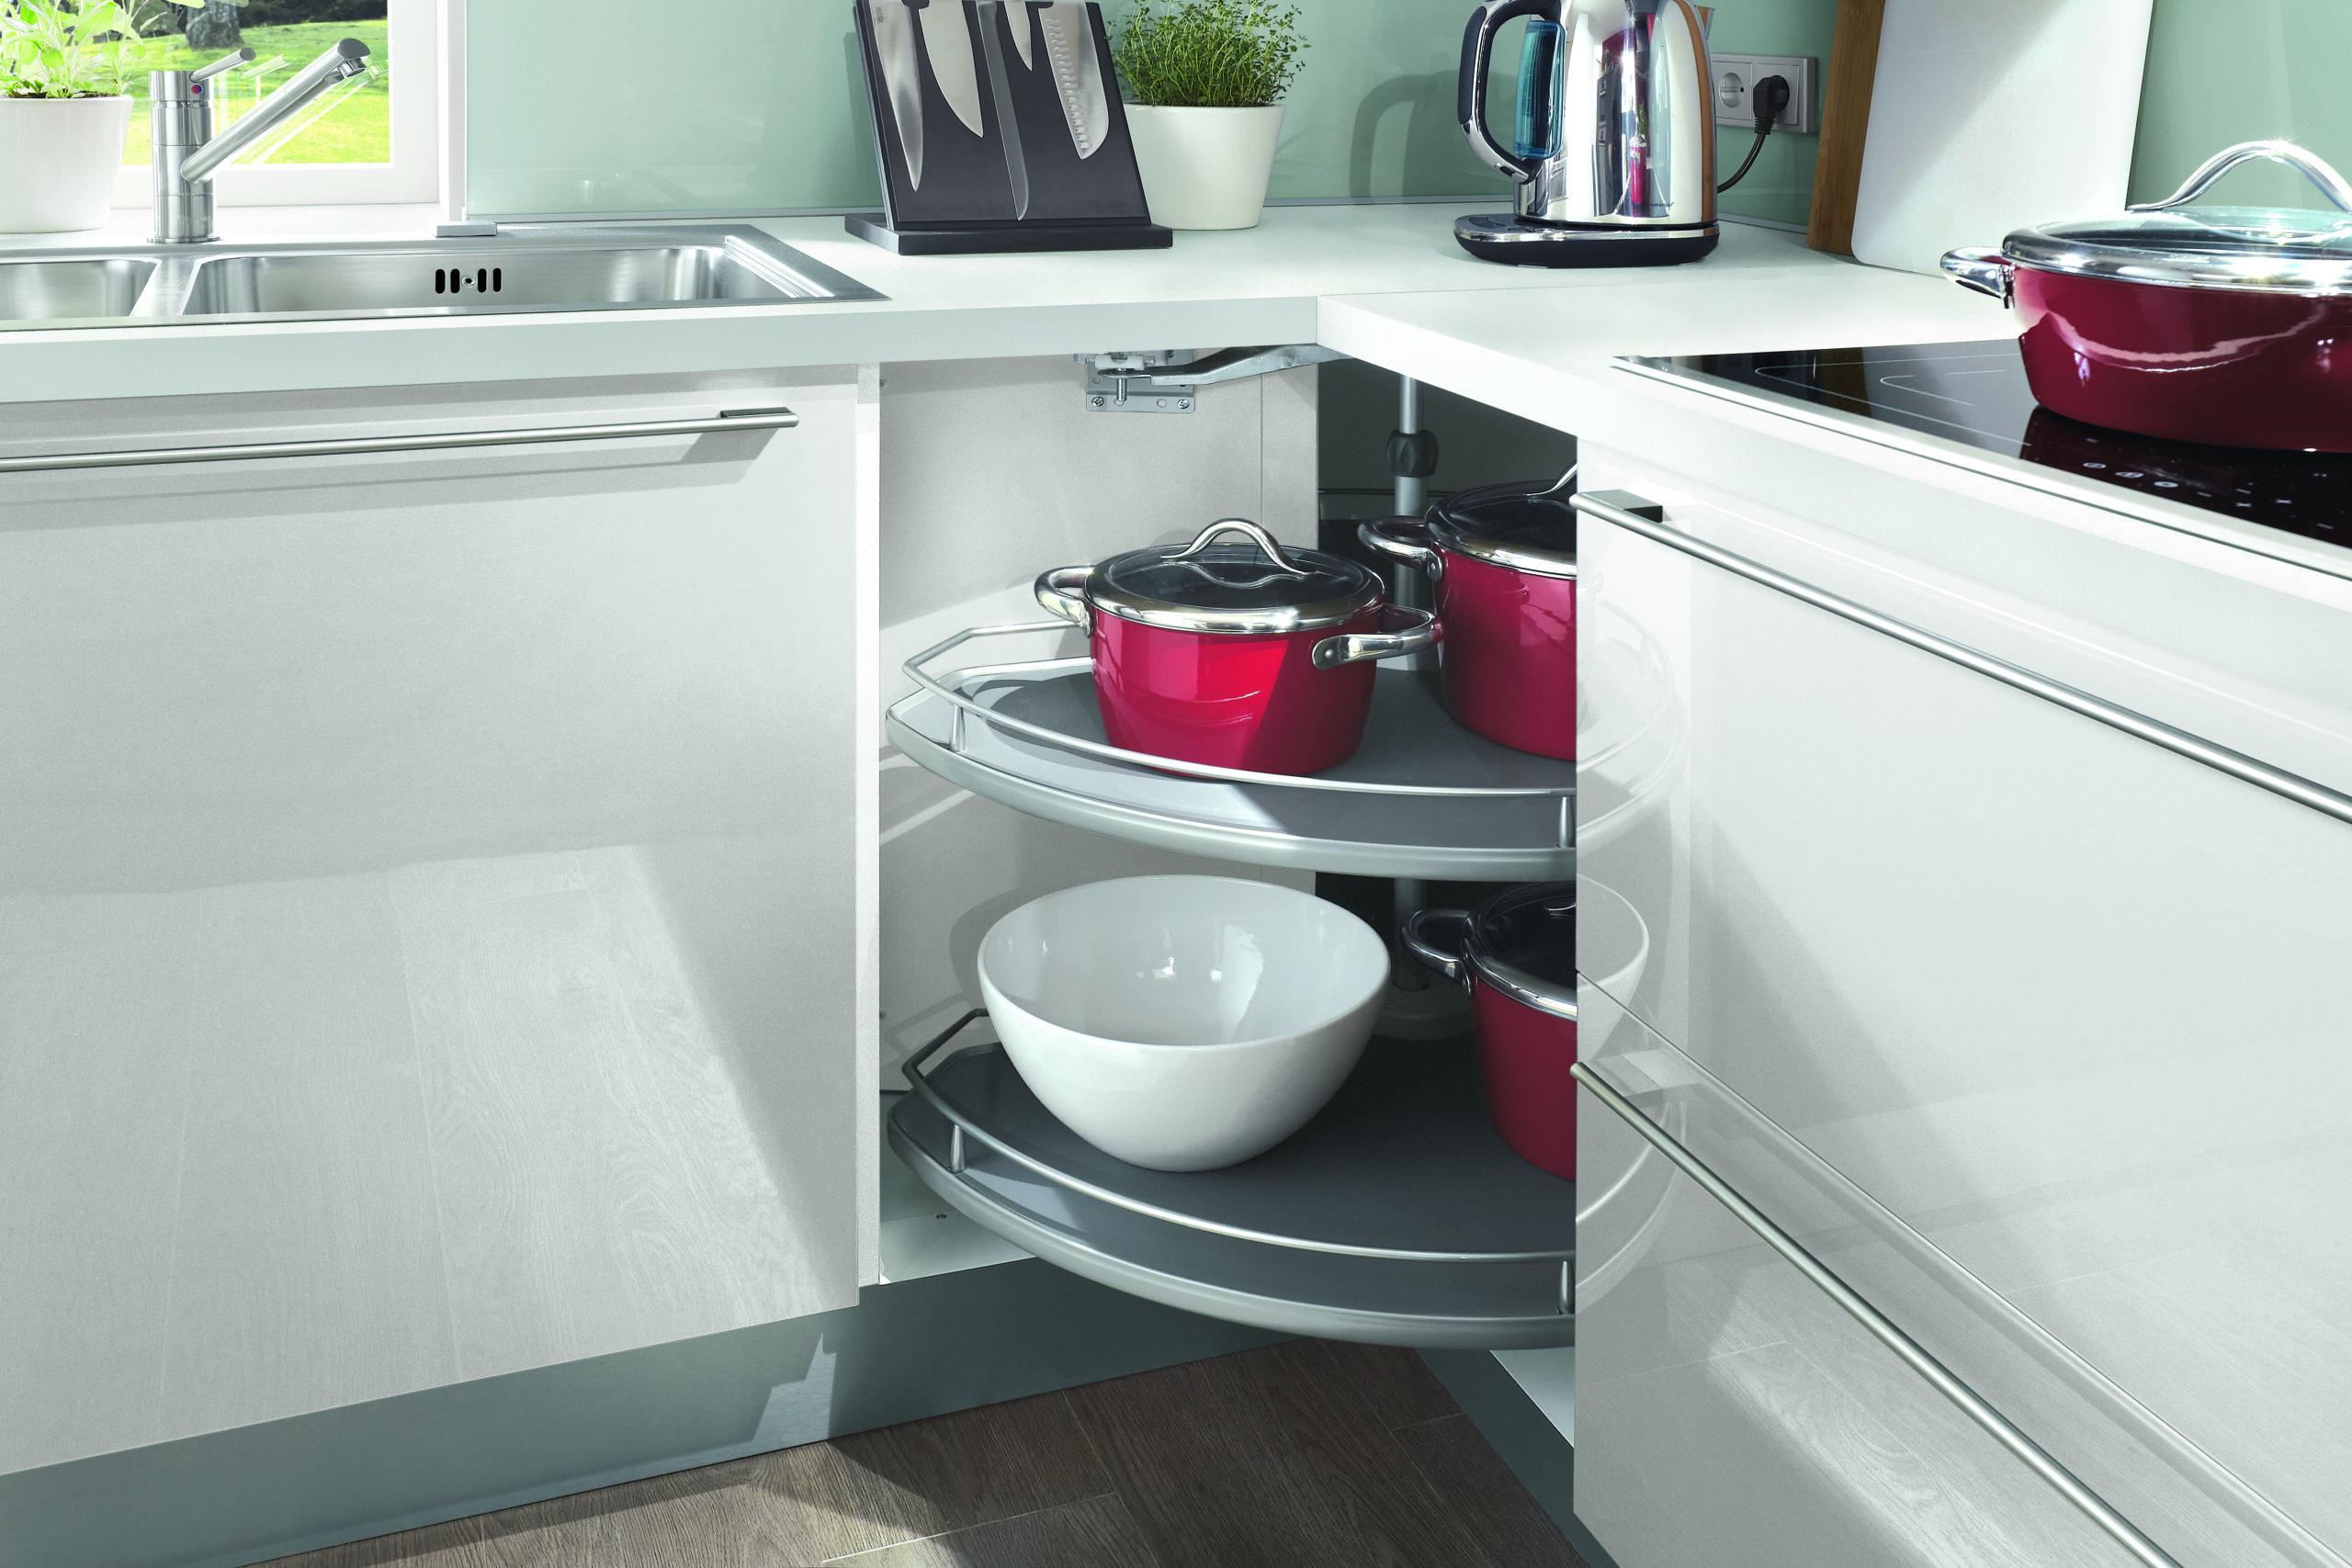 Full Size of Küchen Eckschrank Rondell Küche Regal Bad Schlafzimmer Wohnzimmer Küchen Eckschrank Rondell